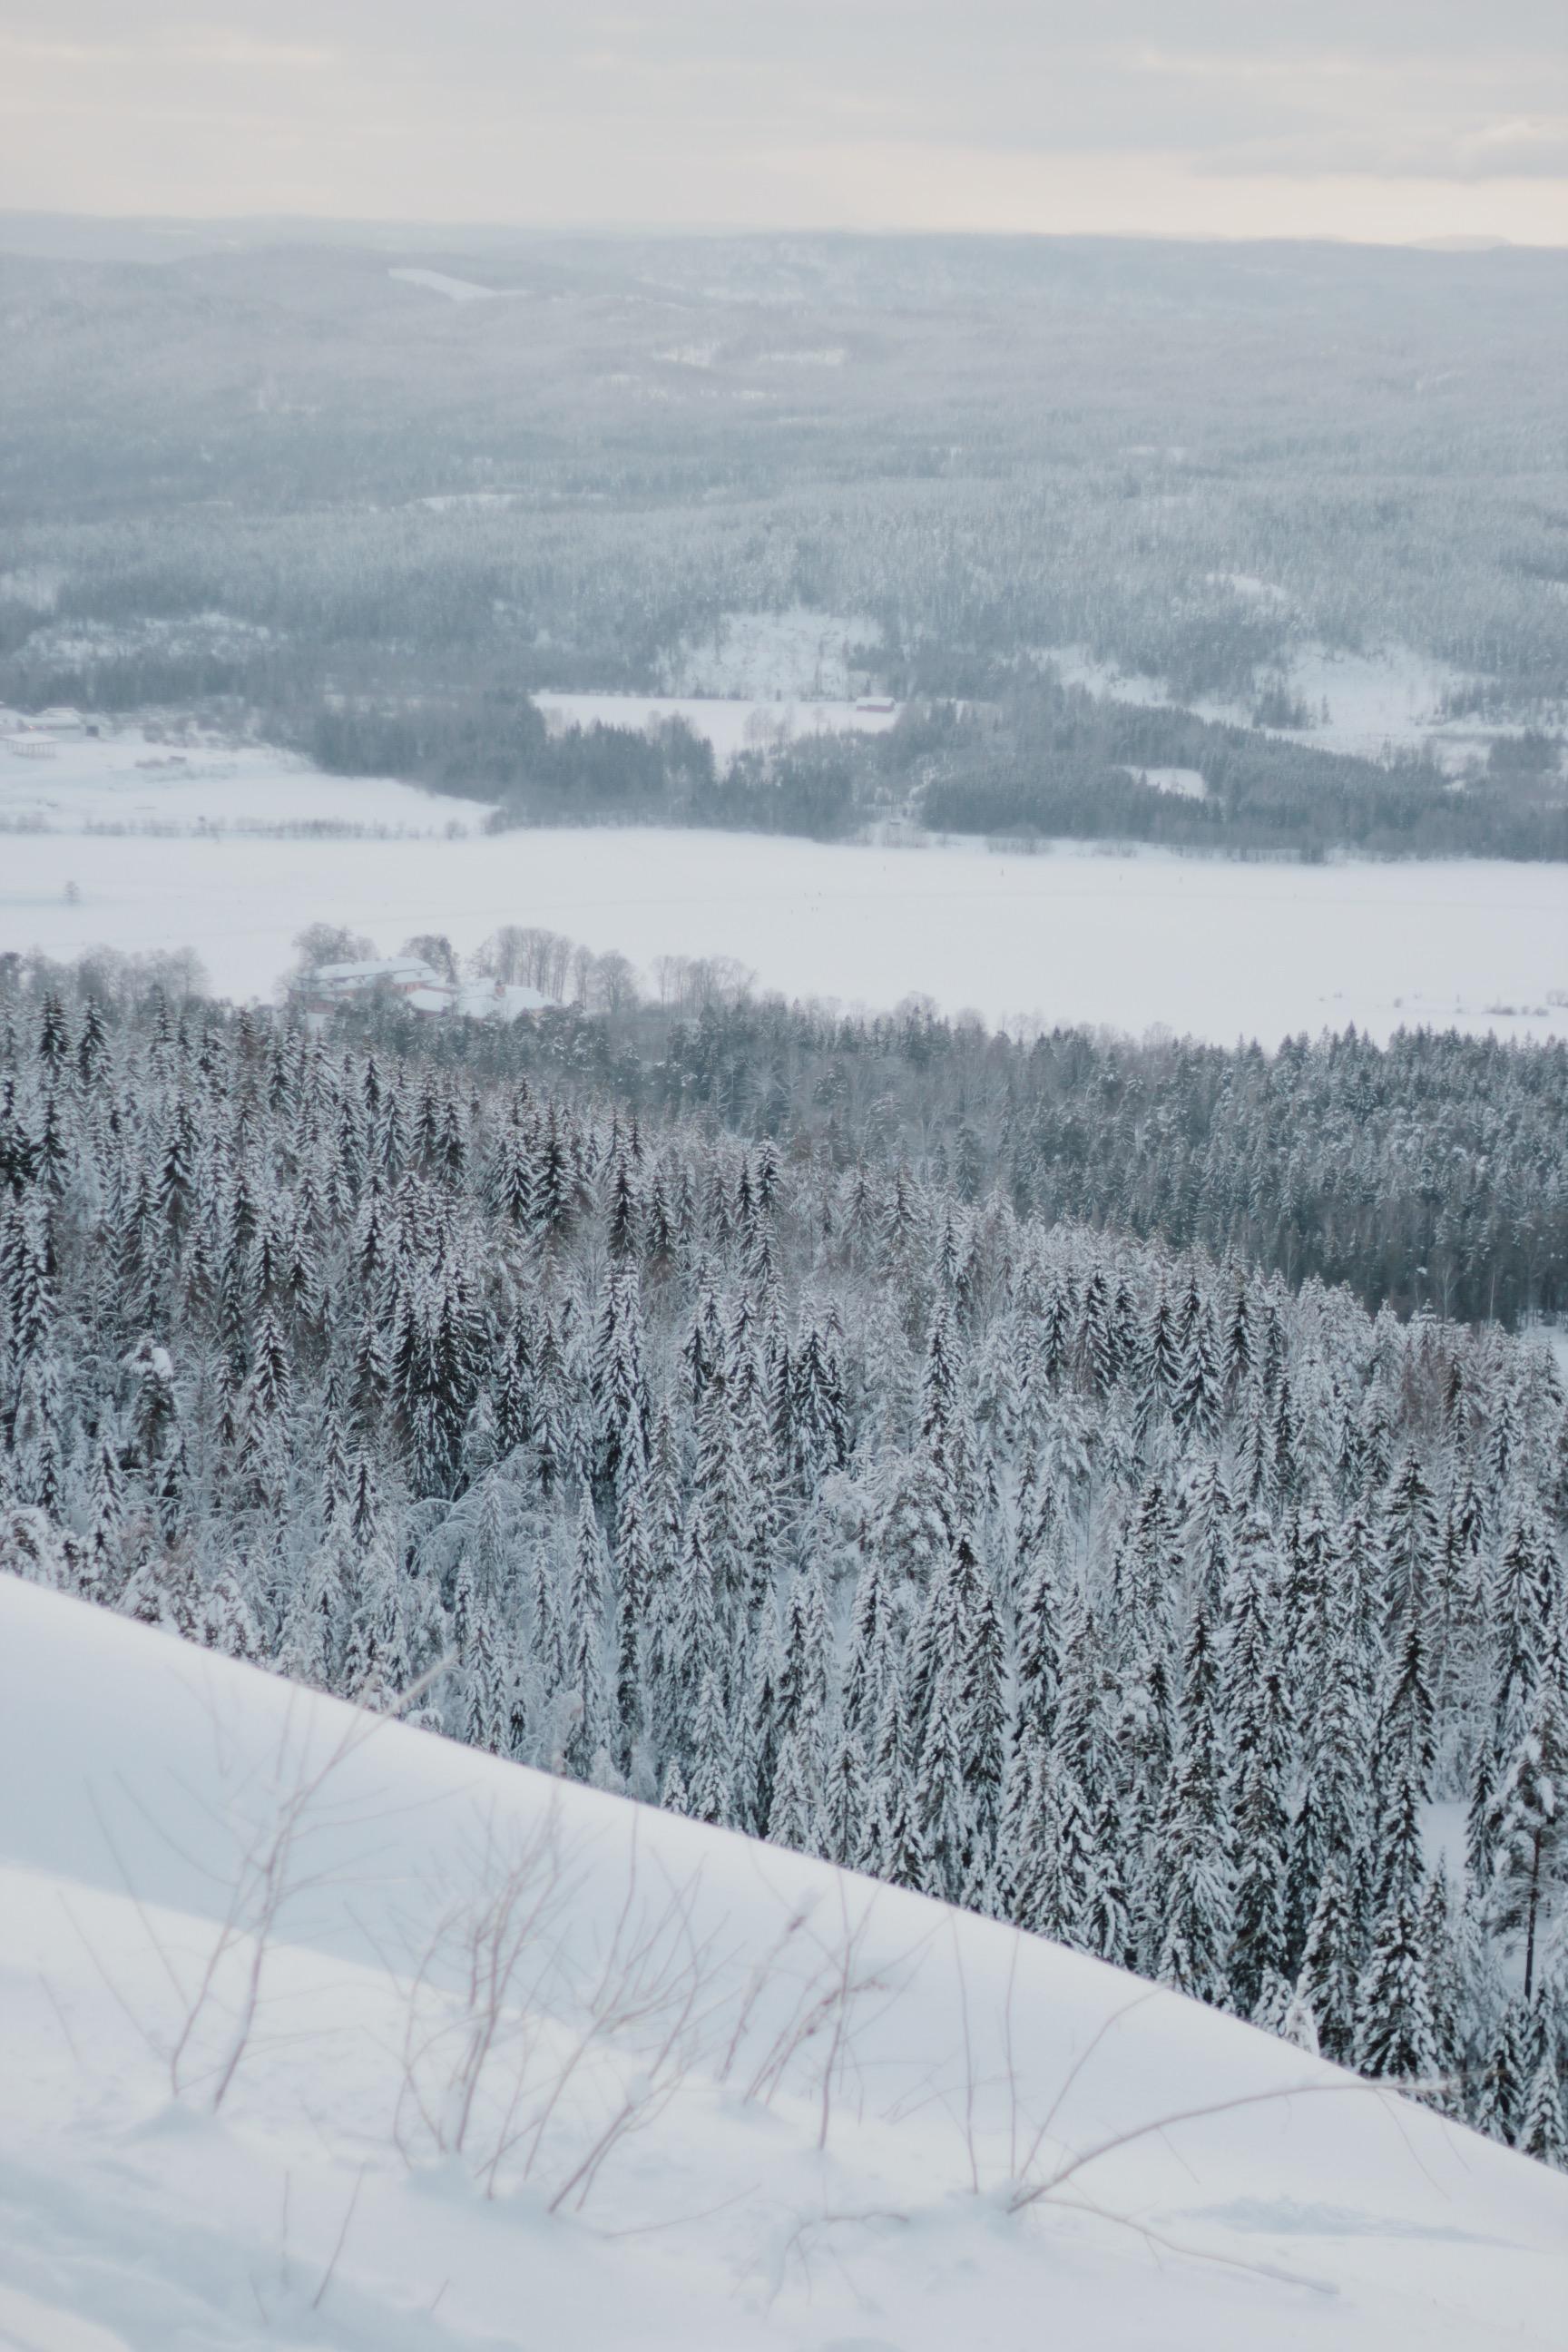 Friluftsliv in Oslo